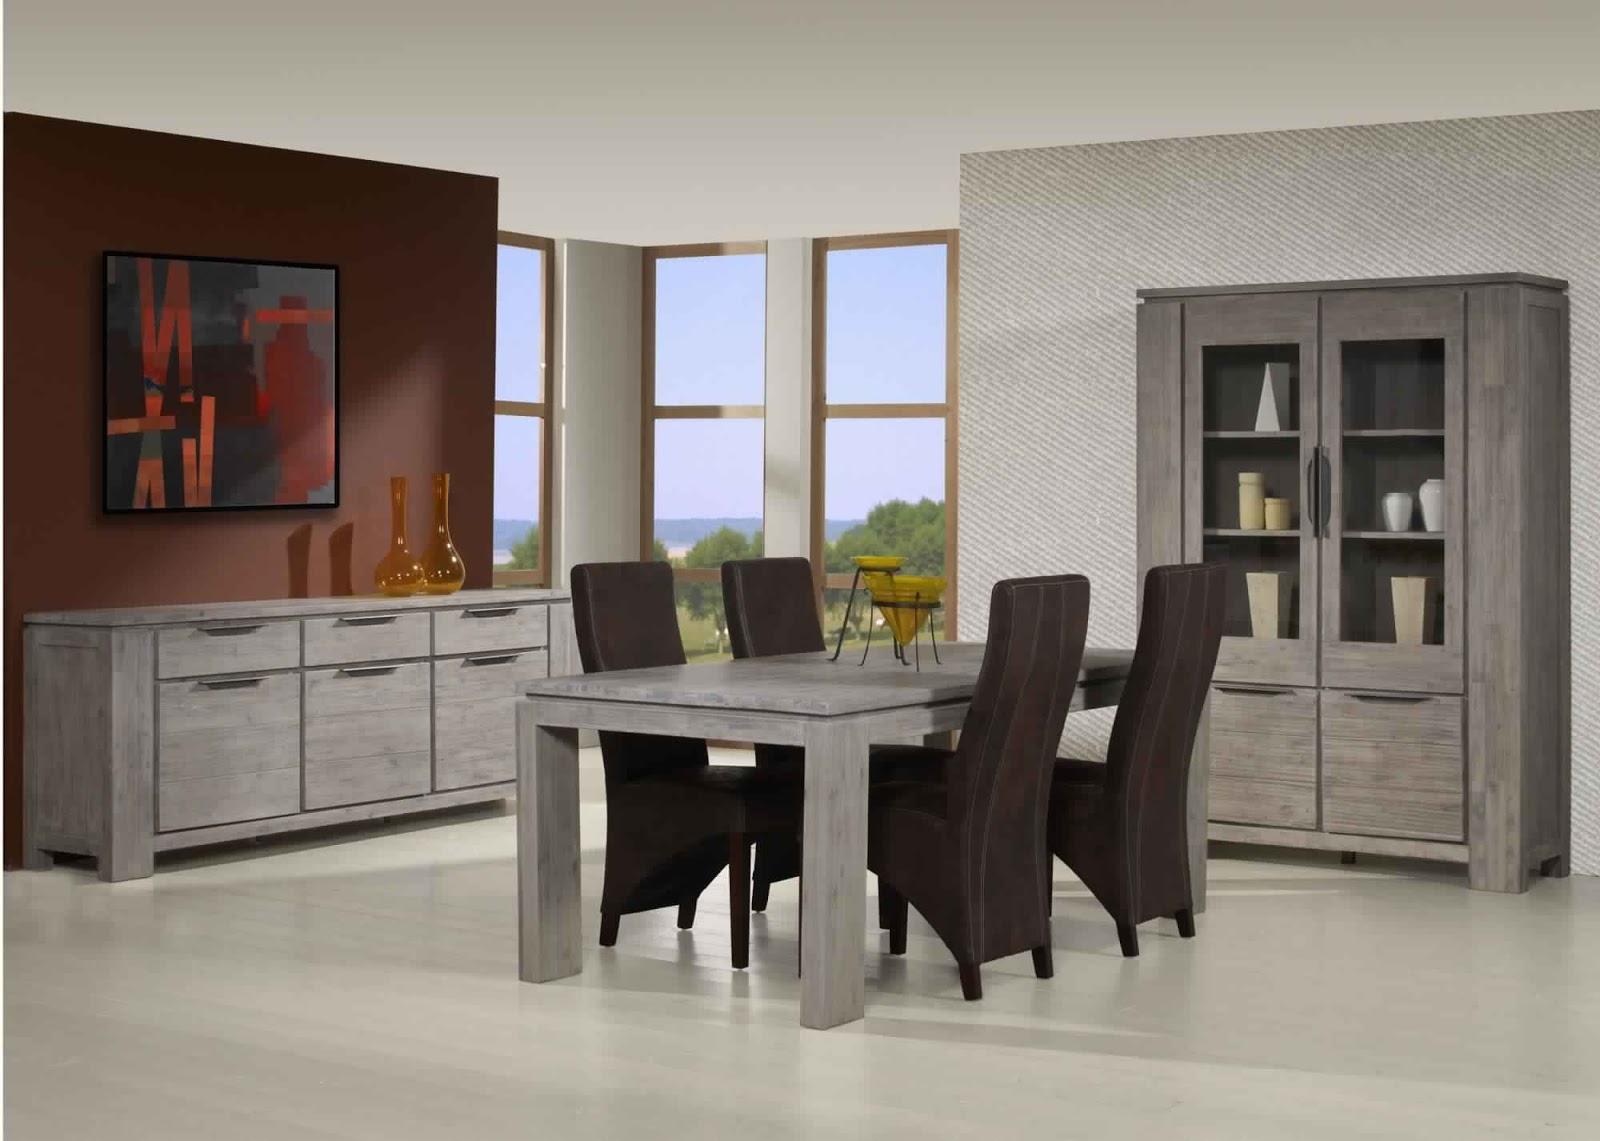 conforama salle manger. Black Bedroom Furniture Sets. Home Design Ideas